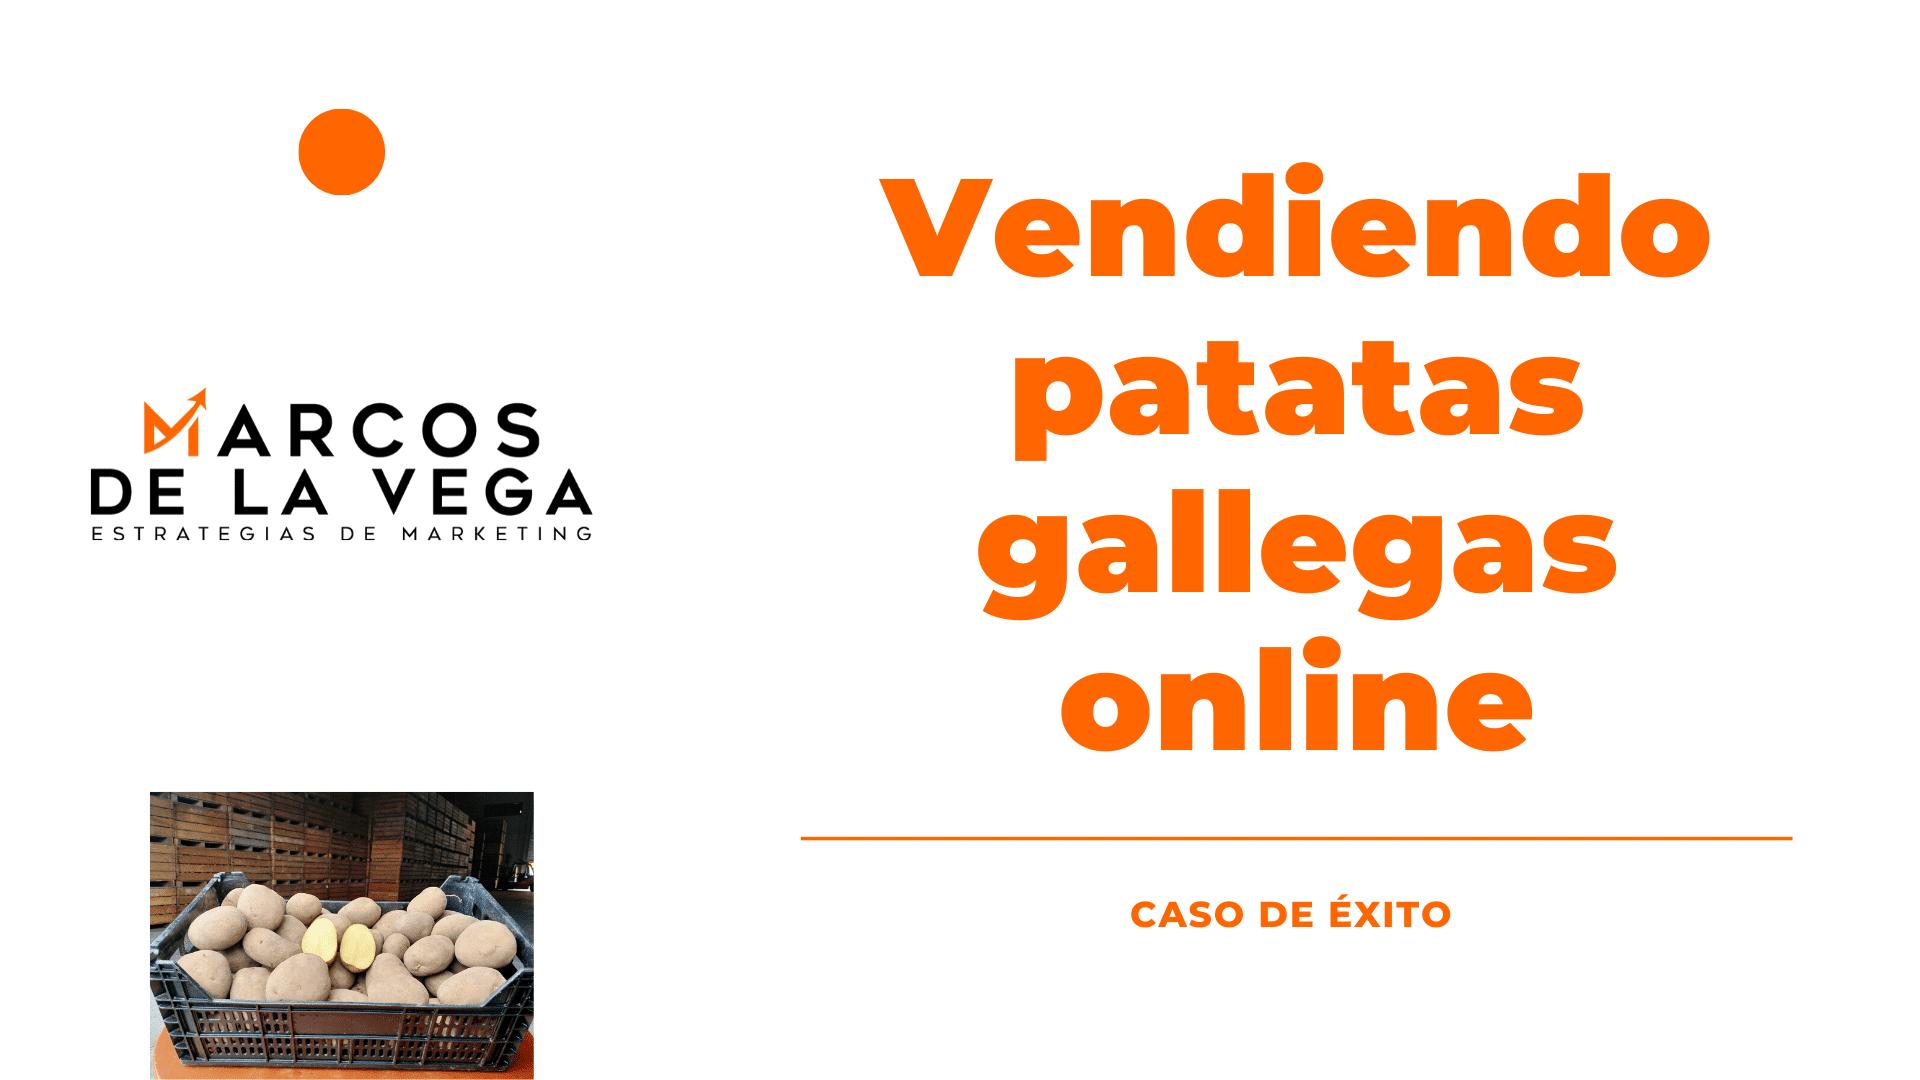 caso-de-exito-vendiendo-patatas-gallegas